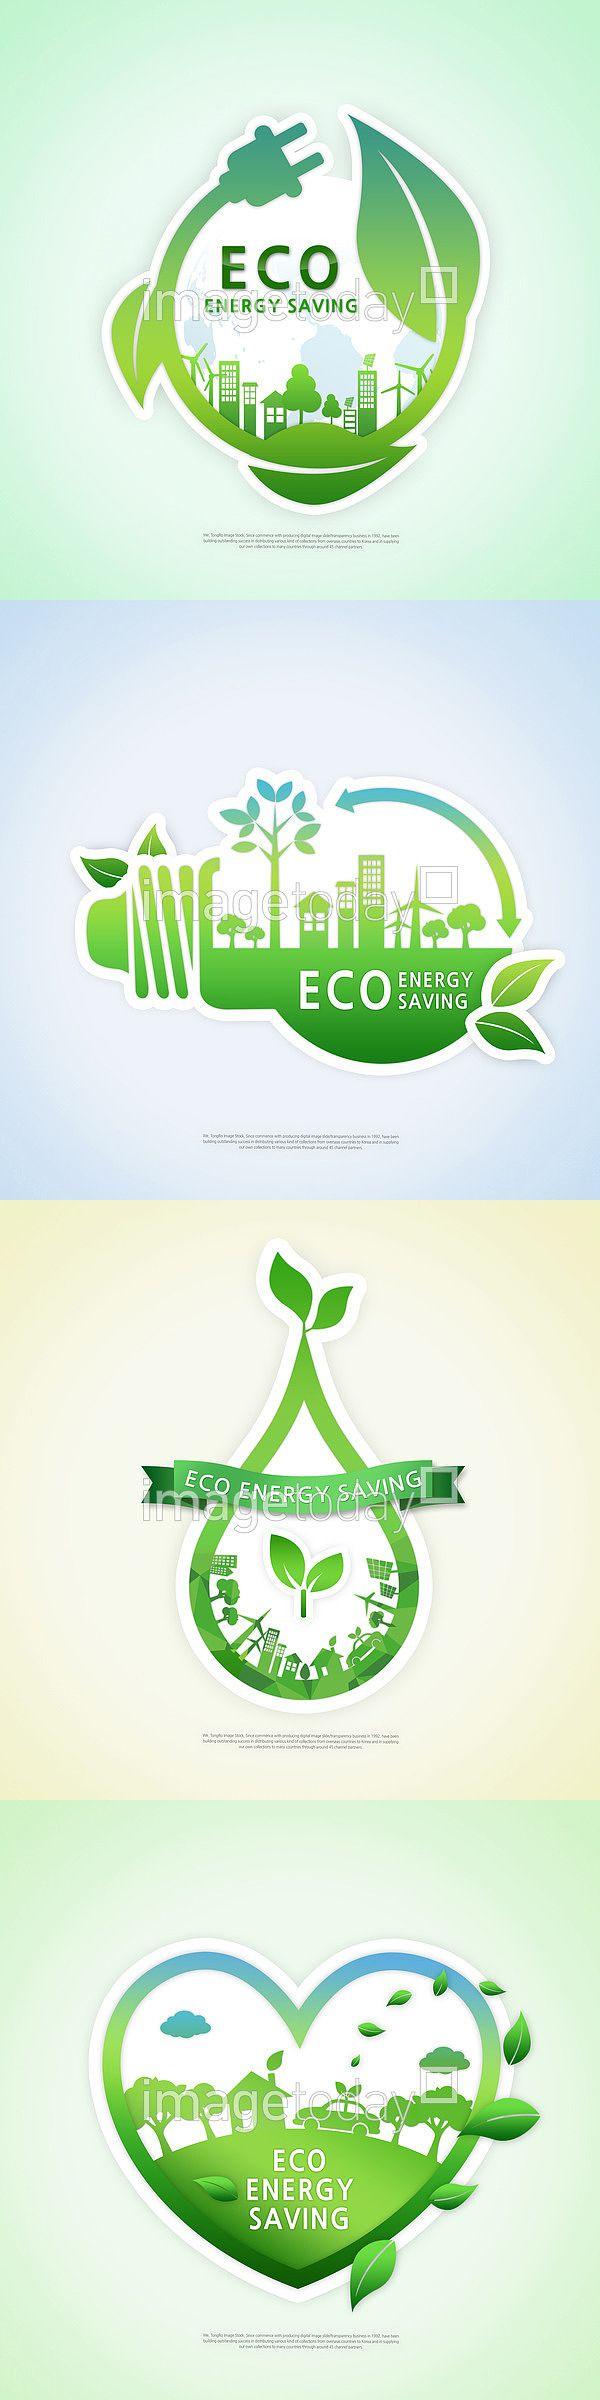 건축물 나무 나뭇잎 문자 사랑 실루엣 심벌 언덕 에너지 영어 자동차 절약 초록색 친환경 페인터 프레임 하트 합성이미지 환경보호 그린 tree…